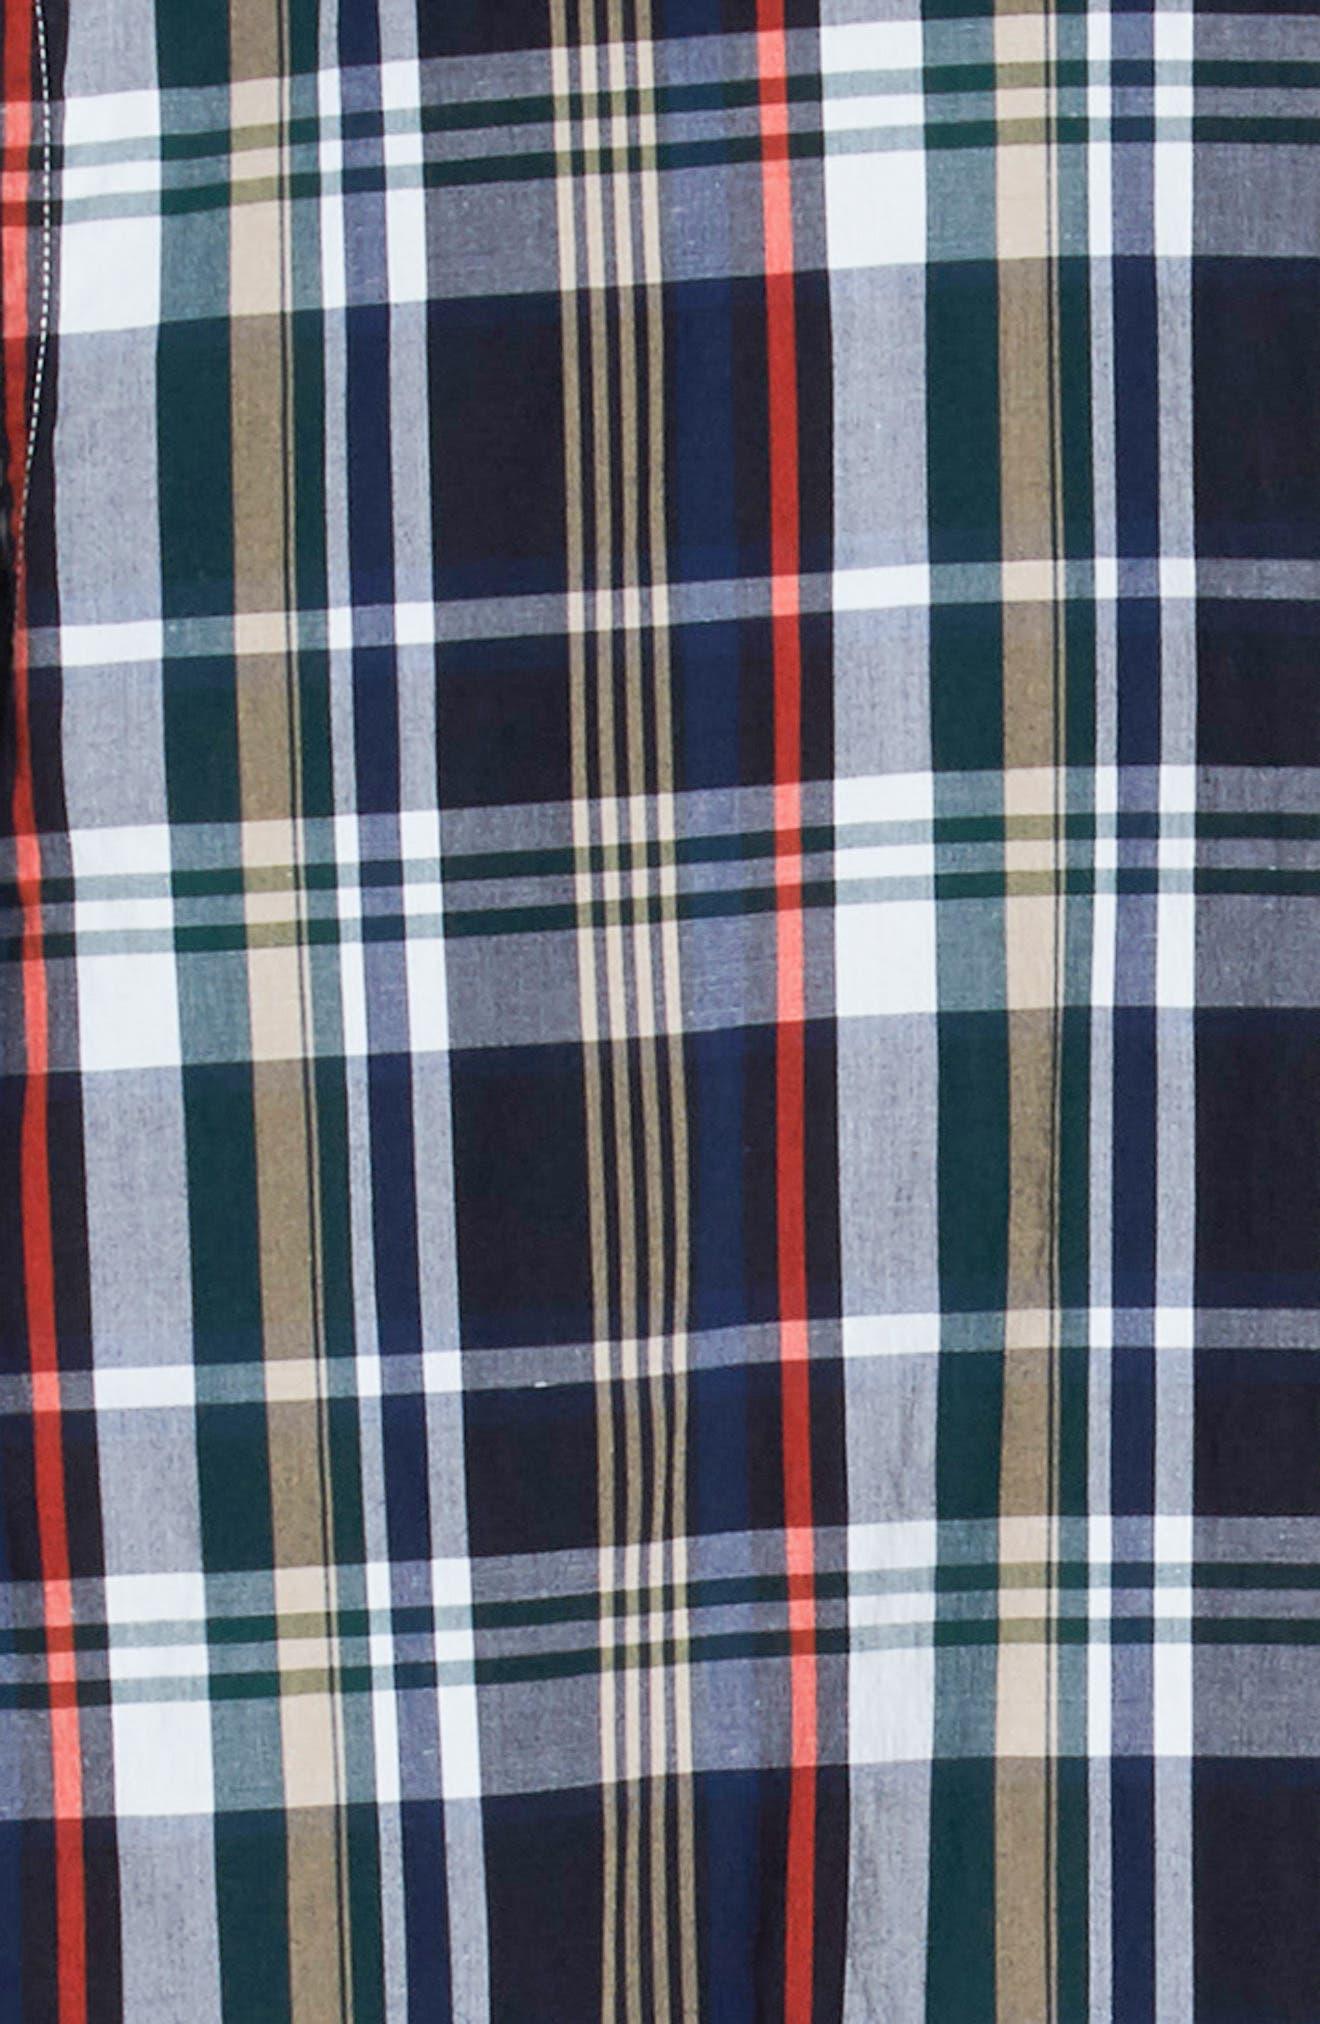 Slim Fit Plaid Sport Shirt,                             Alternate thumbnail 6, color,                             DY5 ACONIT/ MULTICO